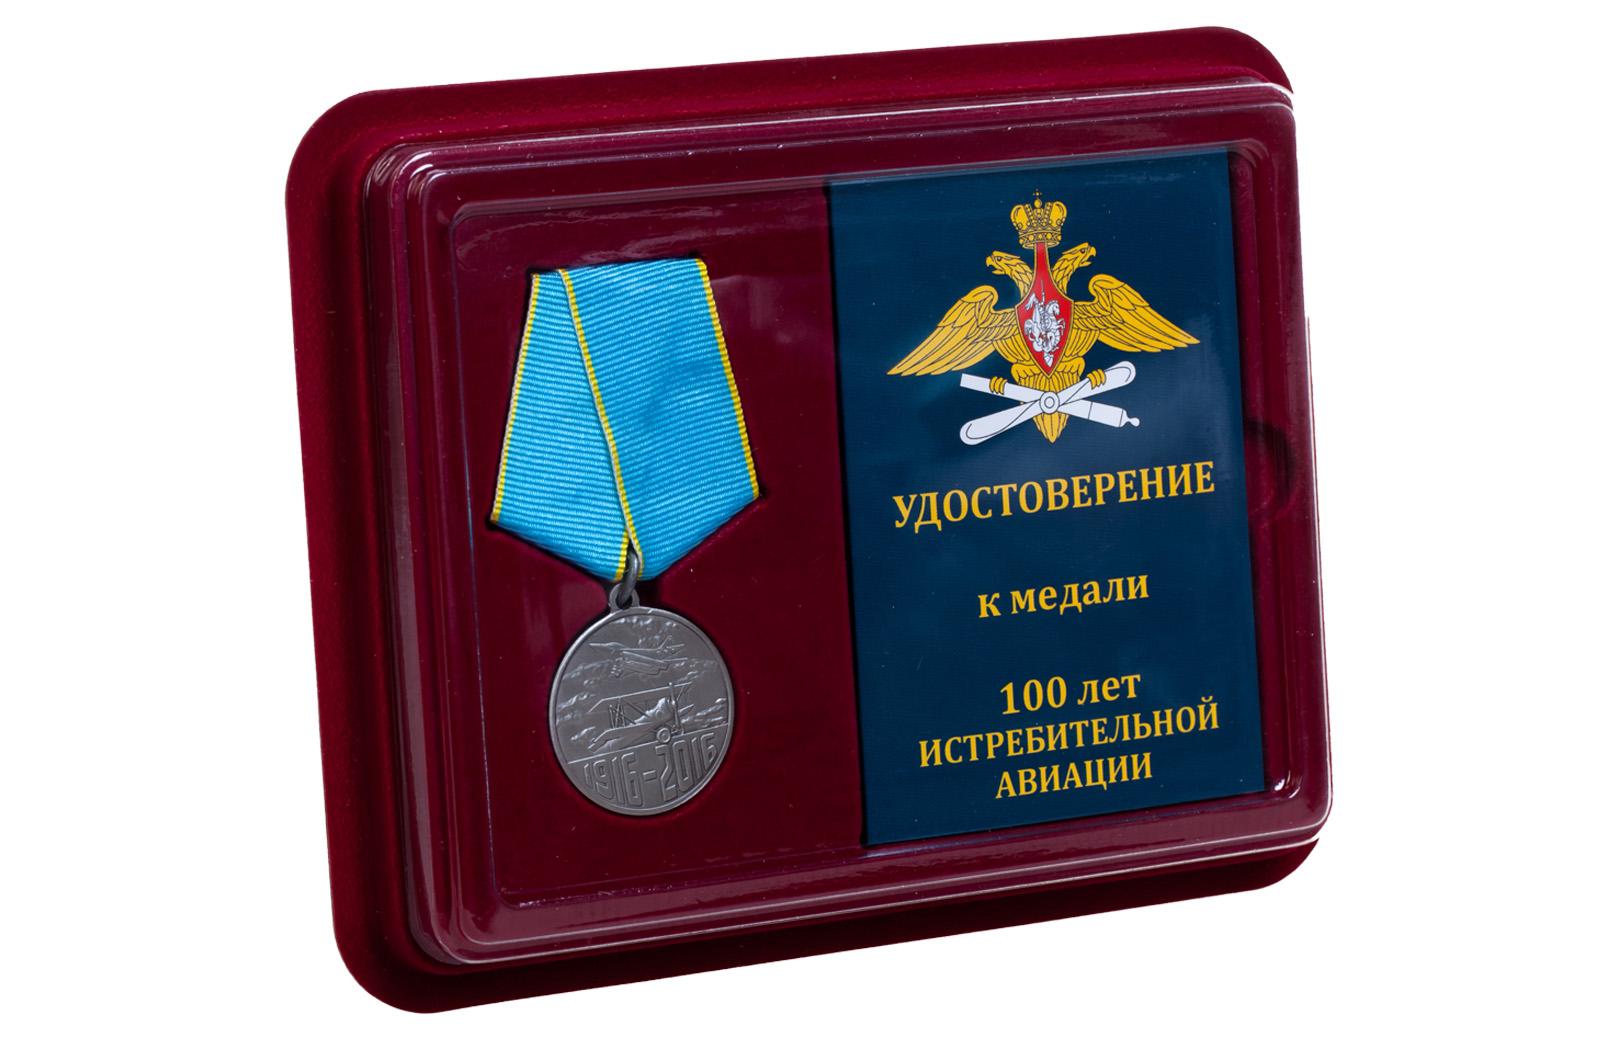 Купить юбилейную медаль 100 лет Истребительной авиации онлайн выгодно